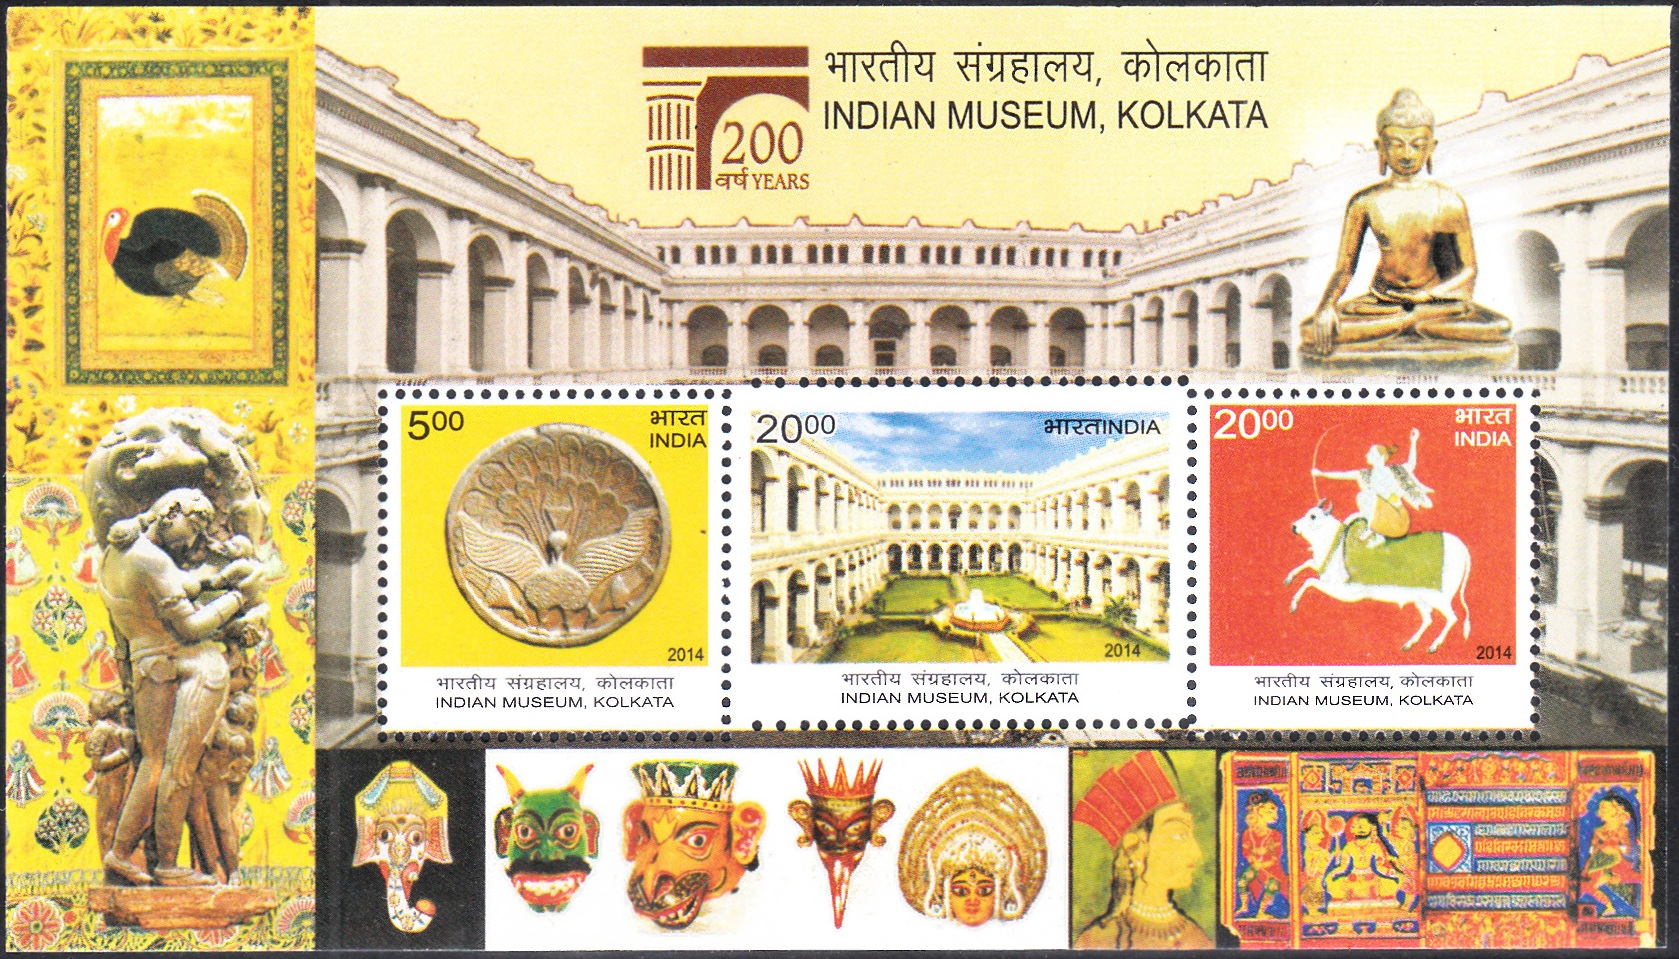 Imperial Museum, Calcutta (British India)